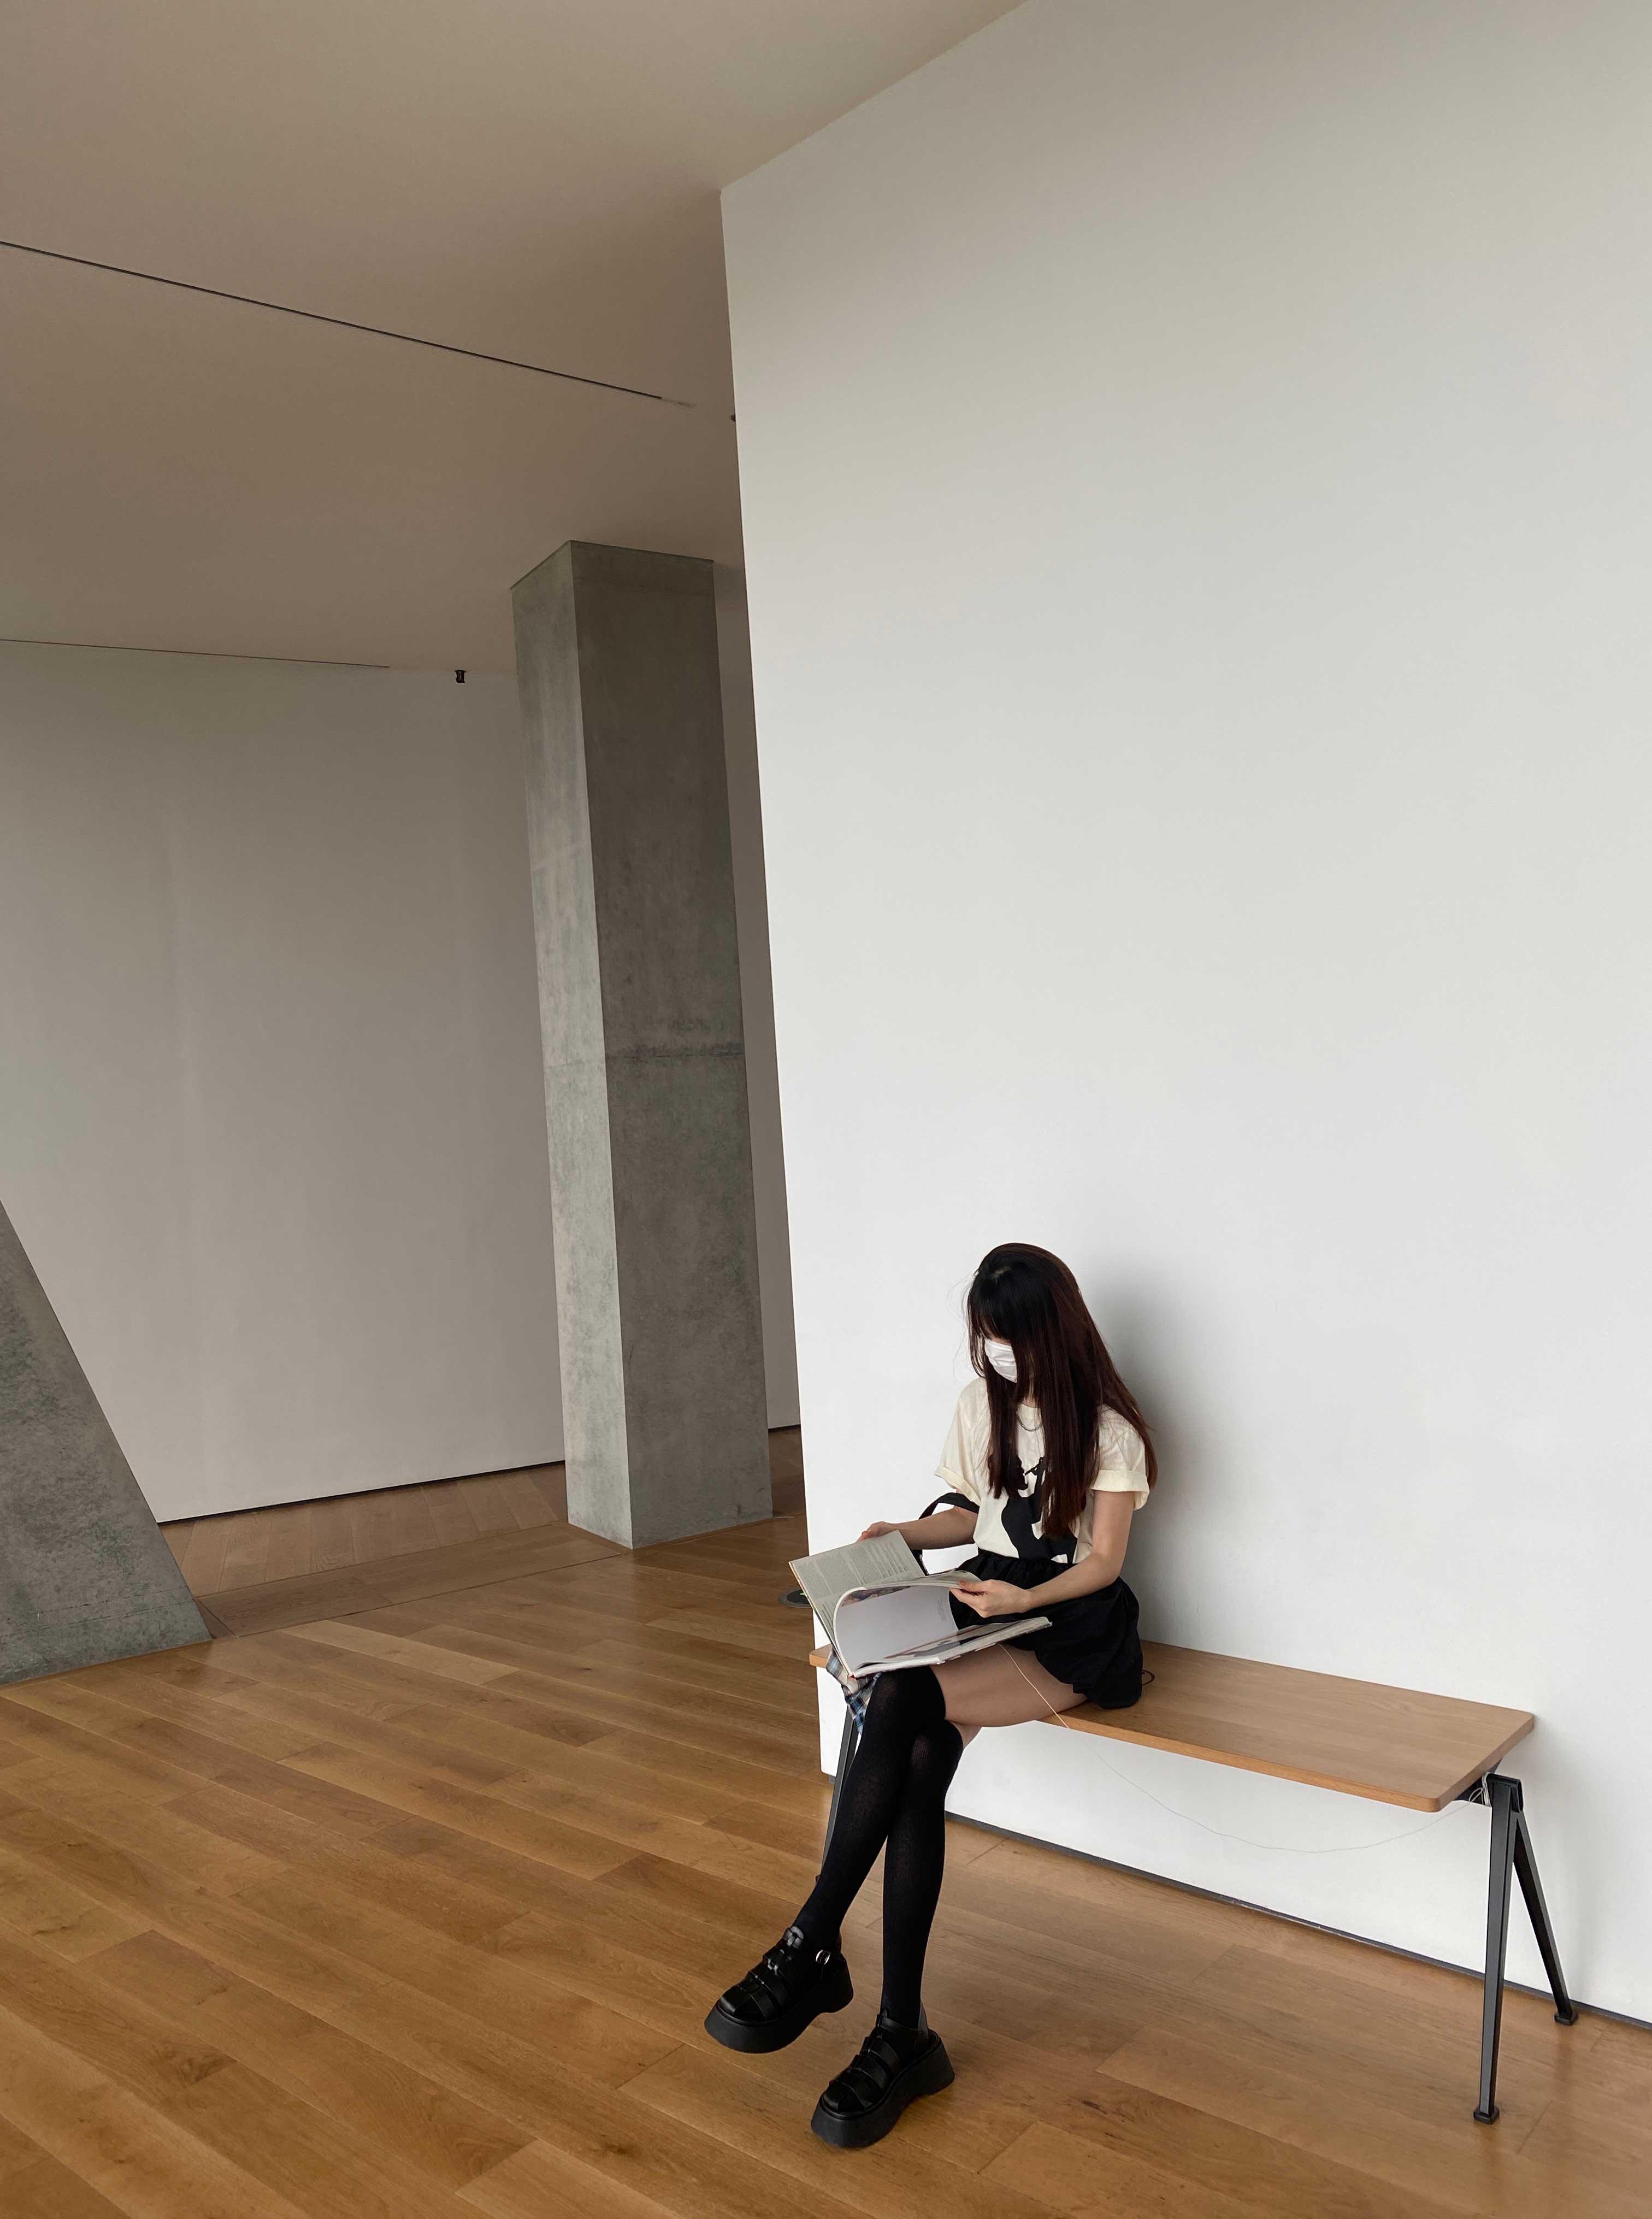 莱佛士学生参观和美术馆2.jpg